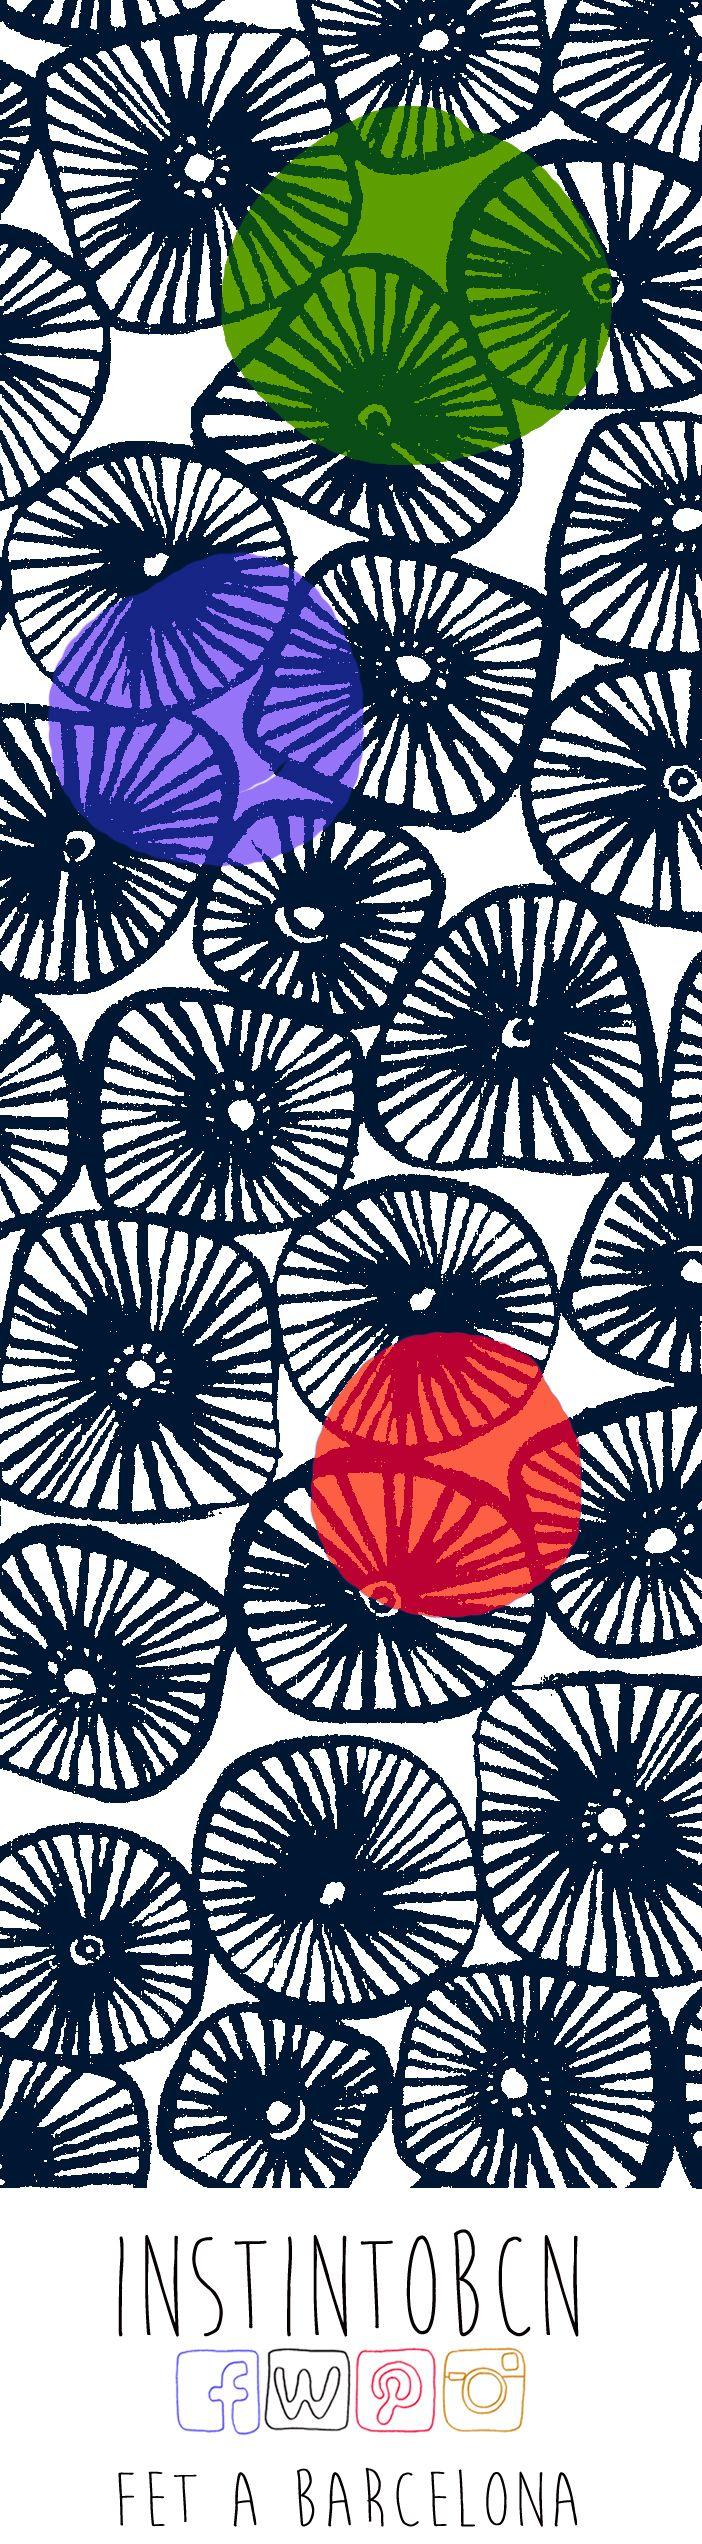 Punto de libro inspirado en la colección Dogon #Bookmark #SantJordi #Diseño